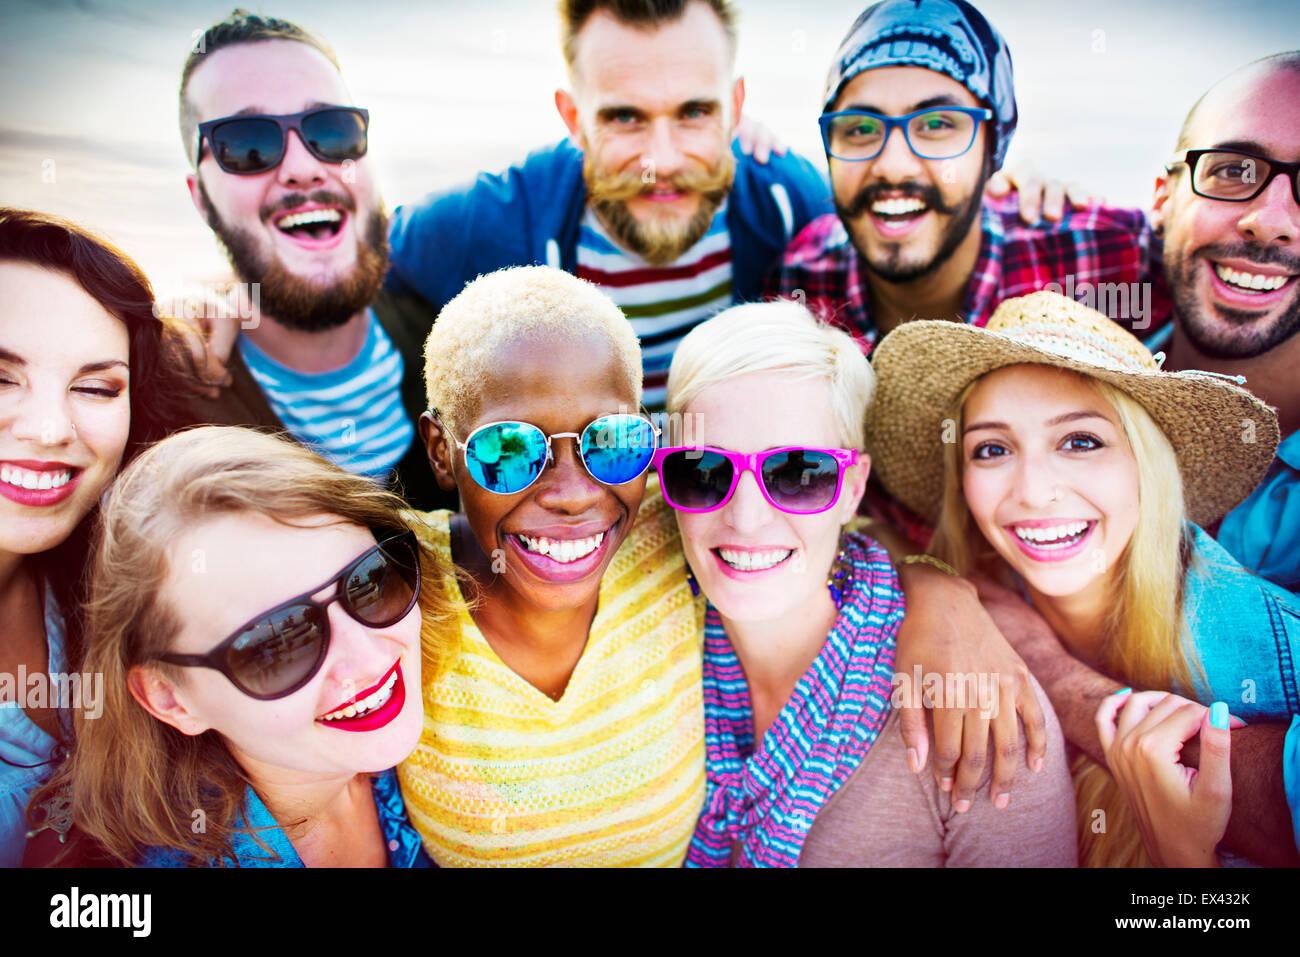 Les amis réunis en Union gaie Concept d'été Photo Stock